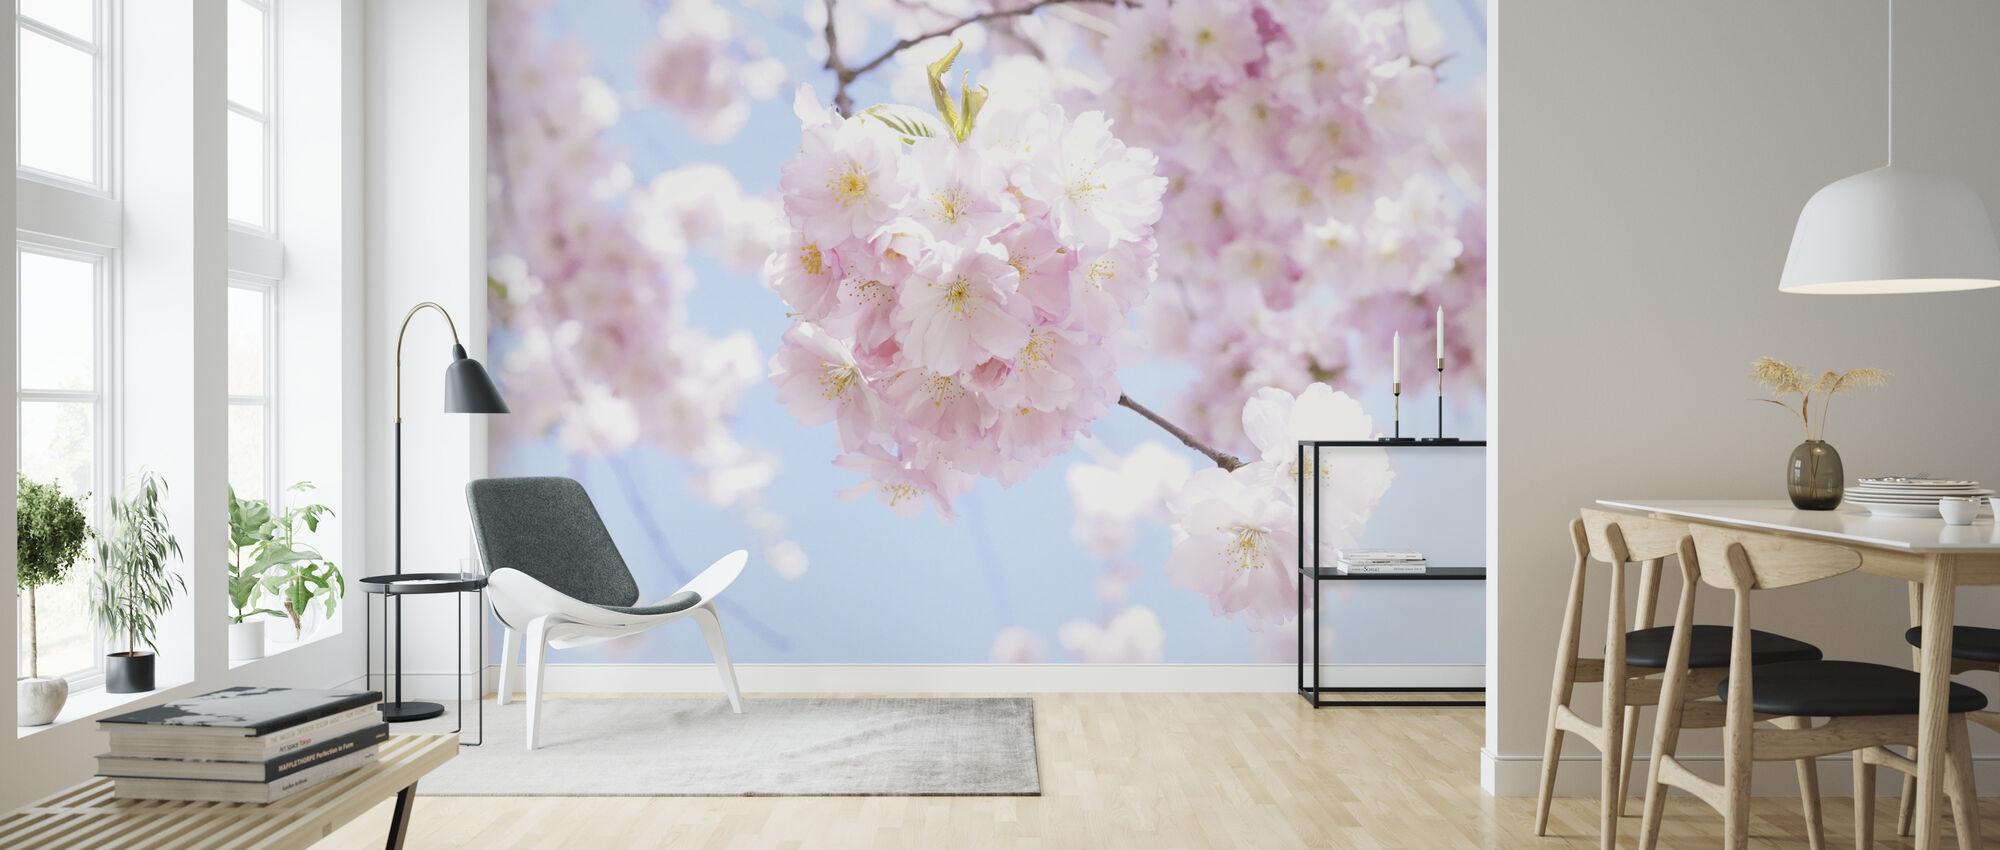 Kirsikkapuu Kukkia - Tapetti - Olohuone